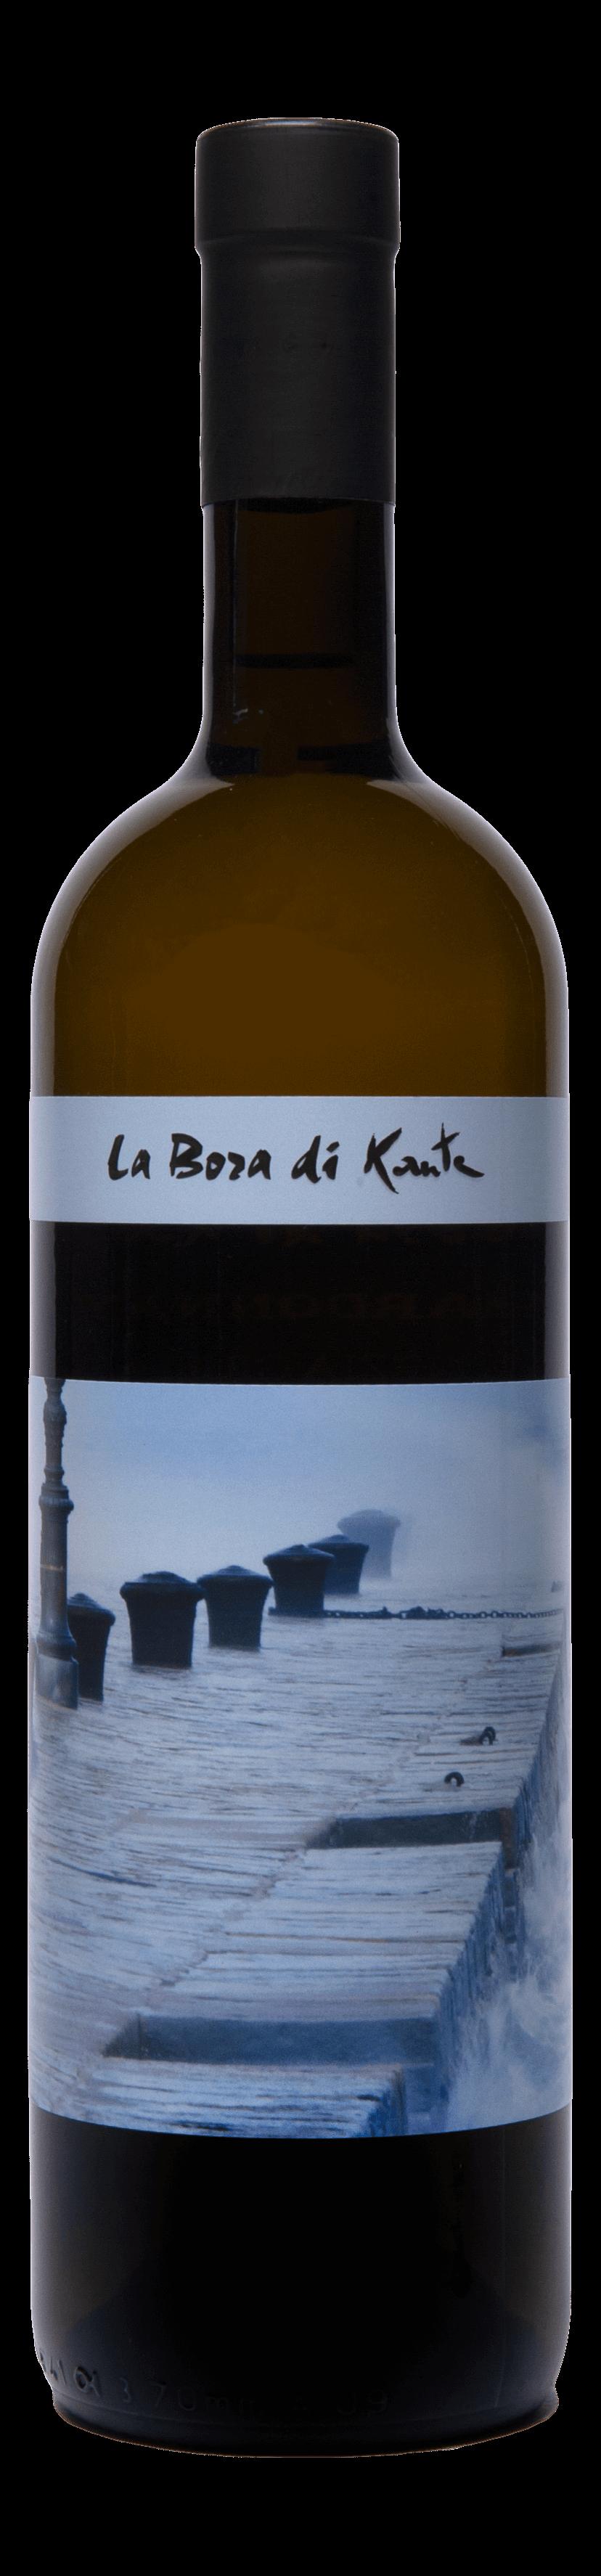 La Bora di Kante 2009 - Kante